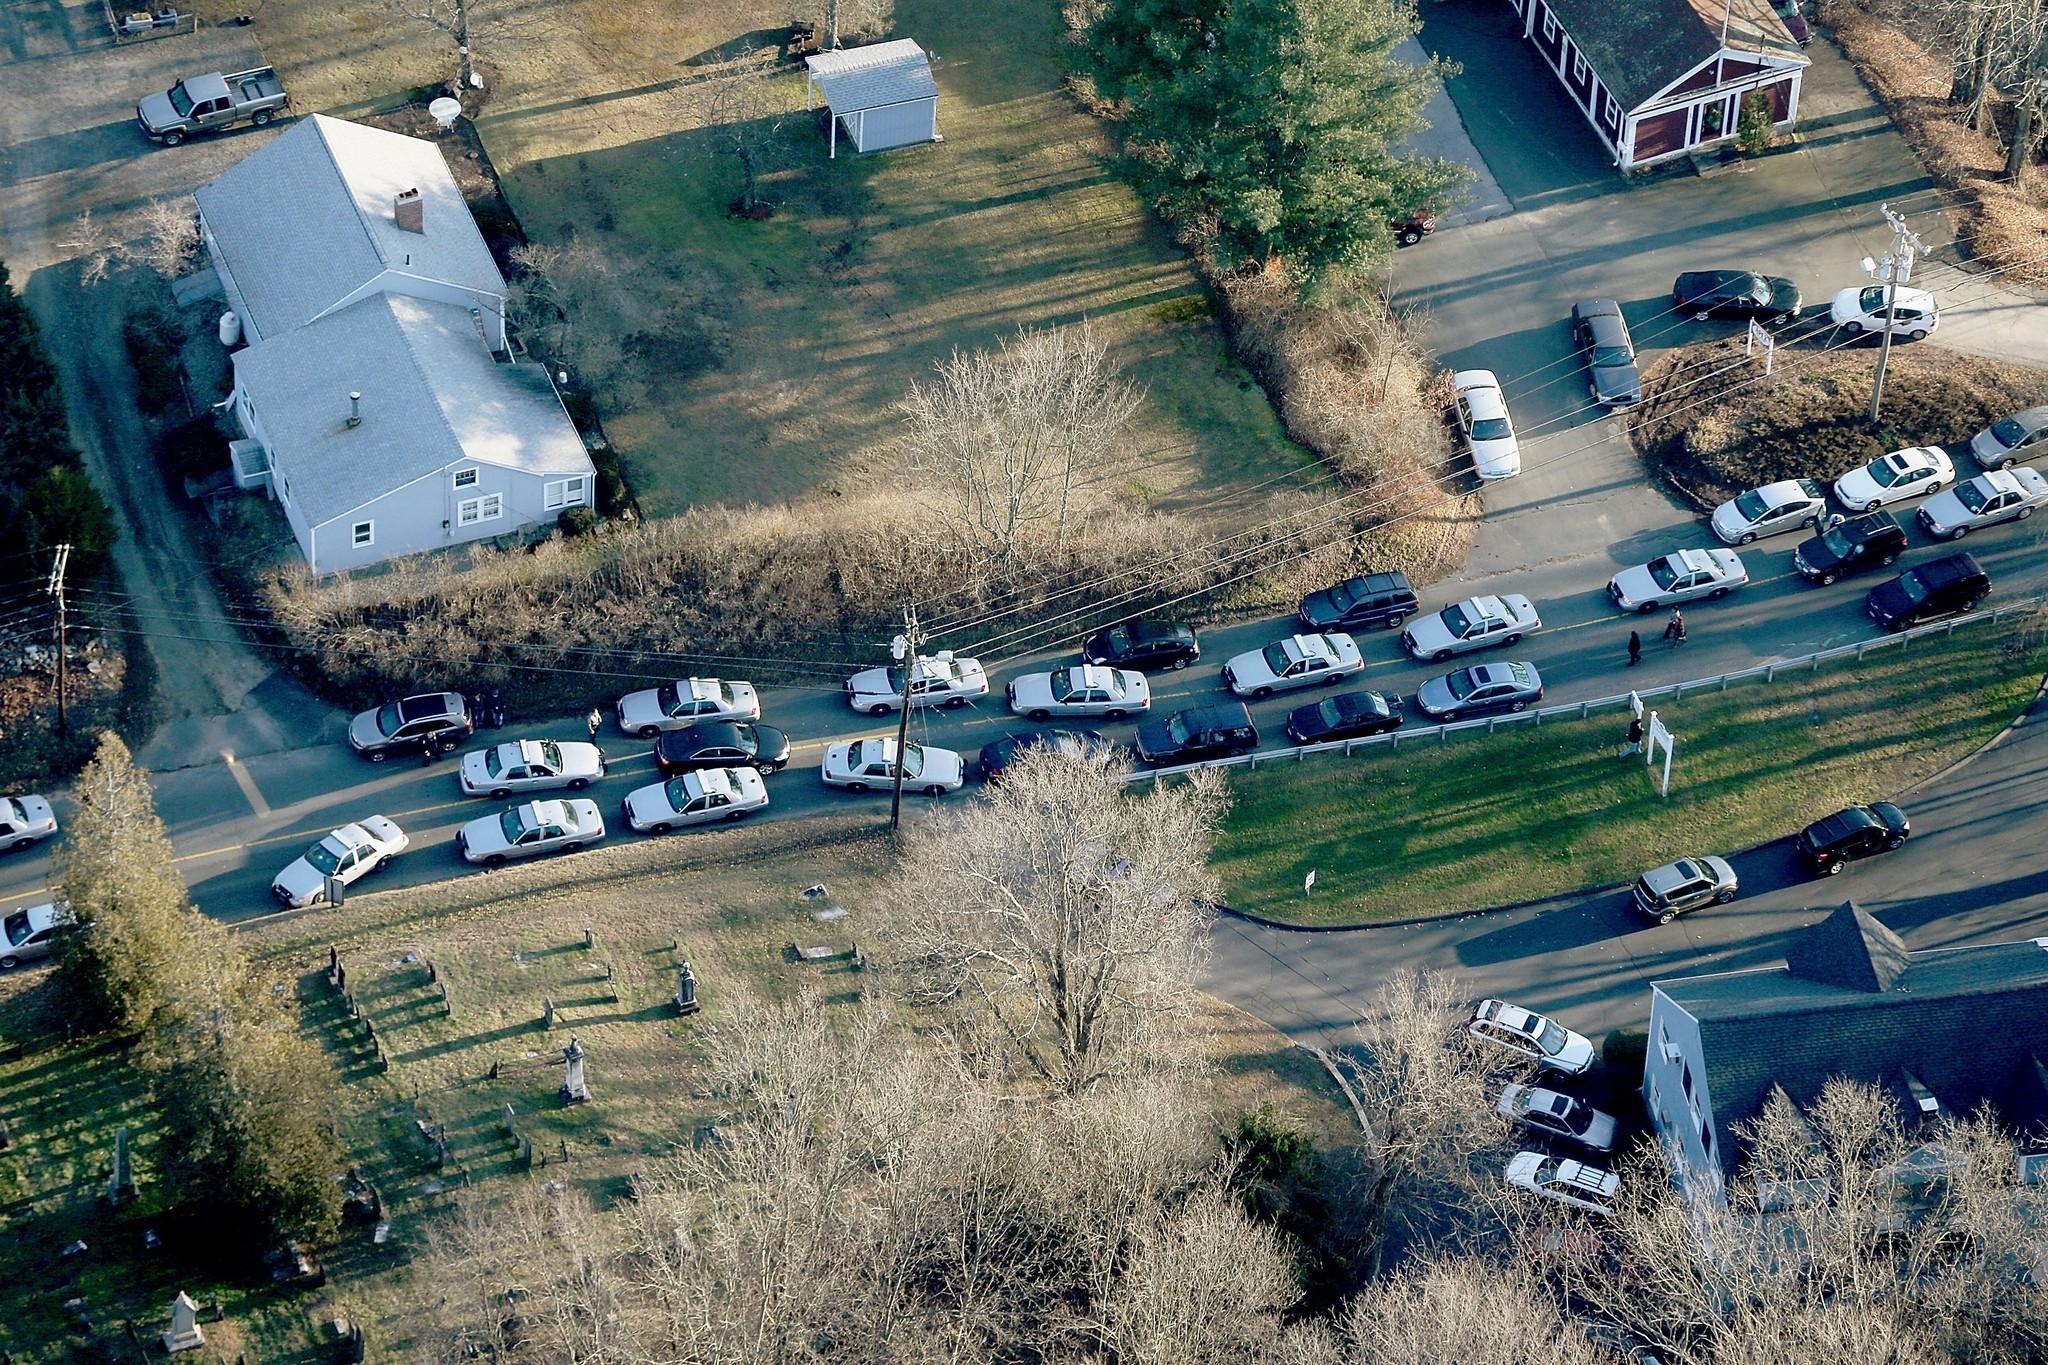 After Sandy Hook Massacre, Designing Schools for Safety